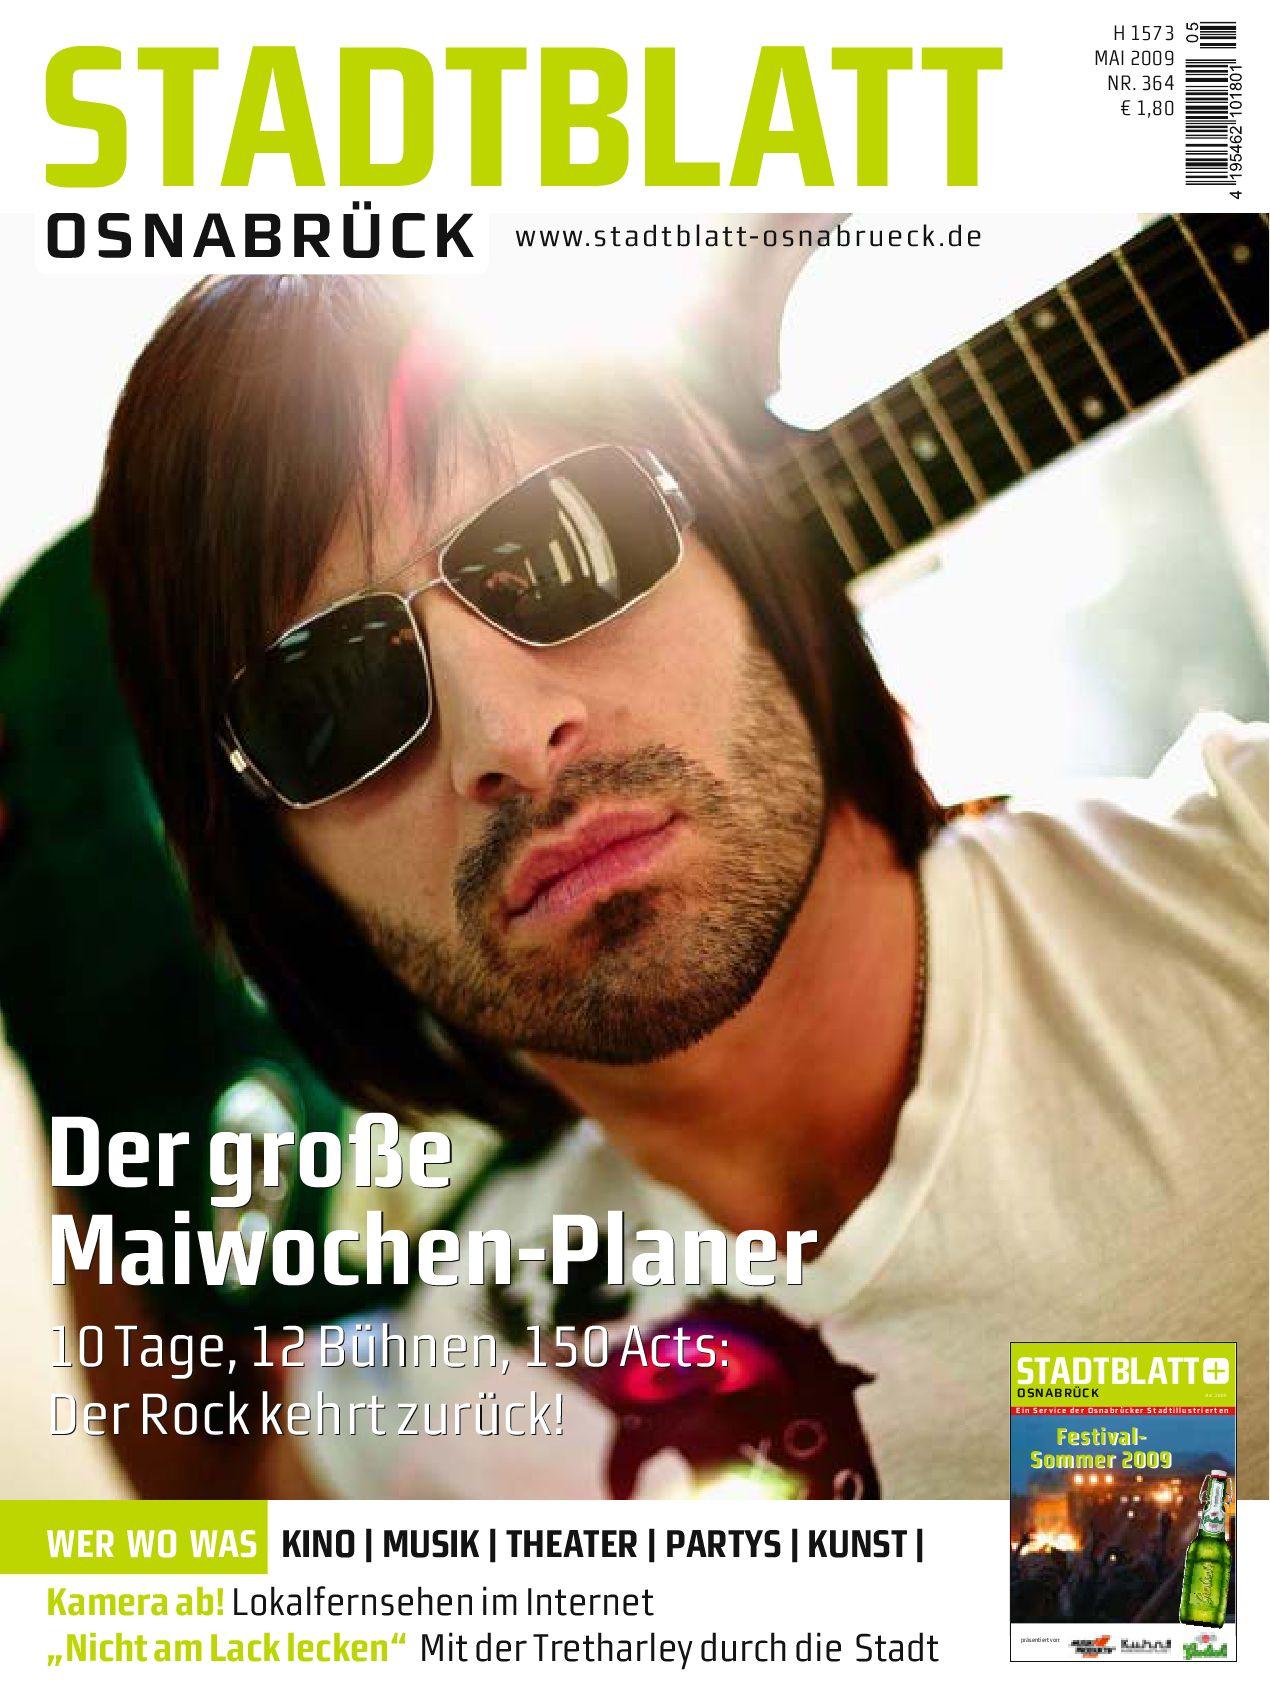 STADTBLATT 201001 By Bvw Werbeagentur